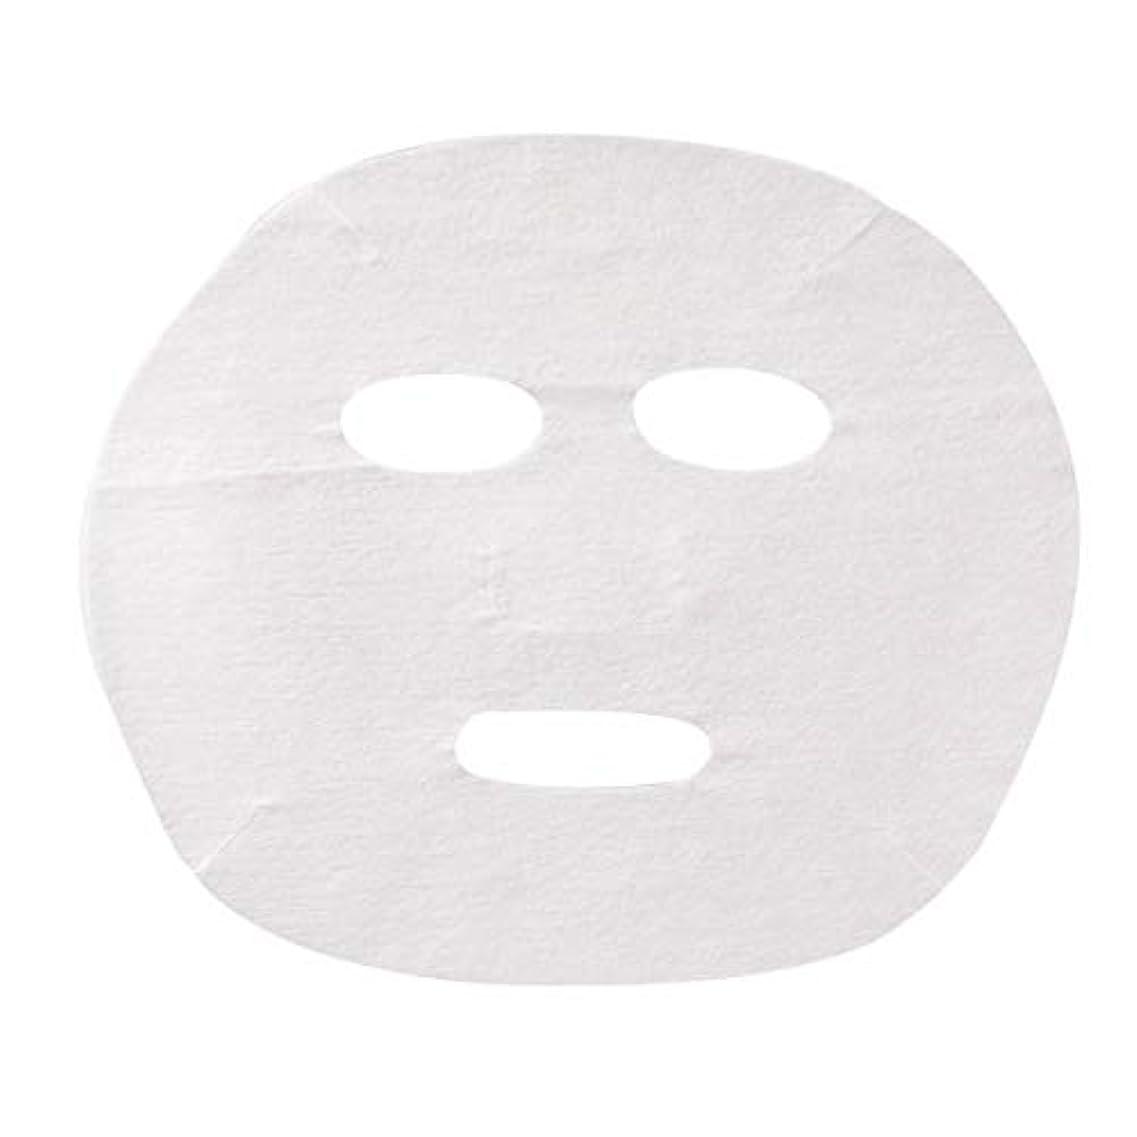 ビン砂の毎年フェイシャルシート (薄手タイプ) 70枚入 22.5×18.5cm [ フェイスマスク フェイスシート フェイスパック フェイシャルマスク フェイシャルパック ローションマスク ローションパック フェイス パック マスク ]